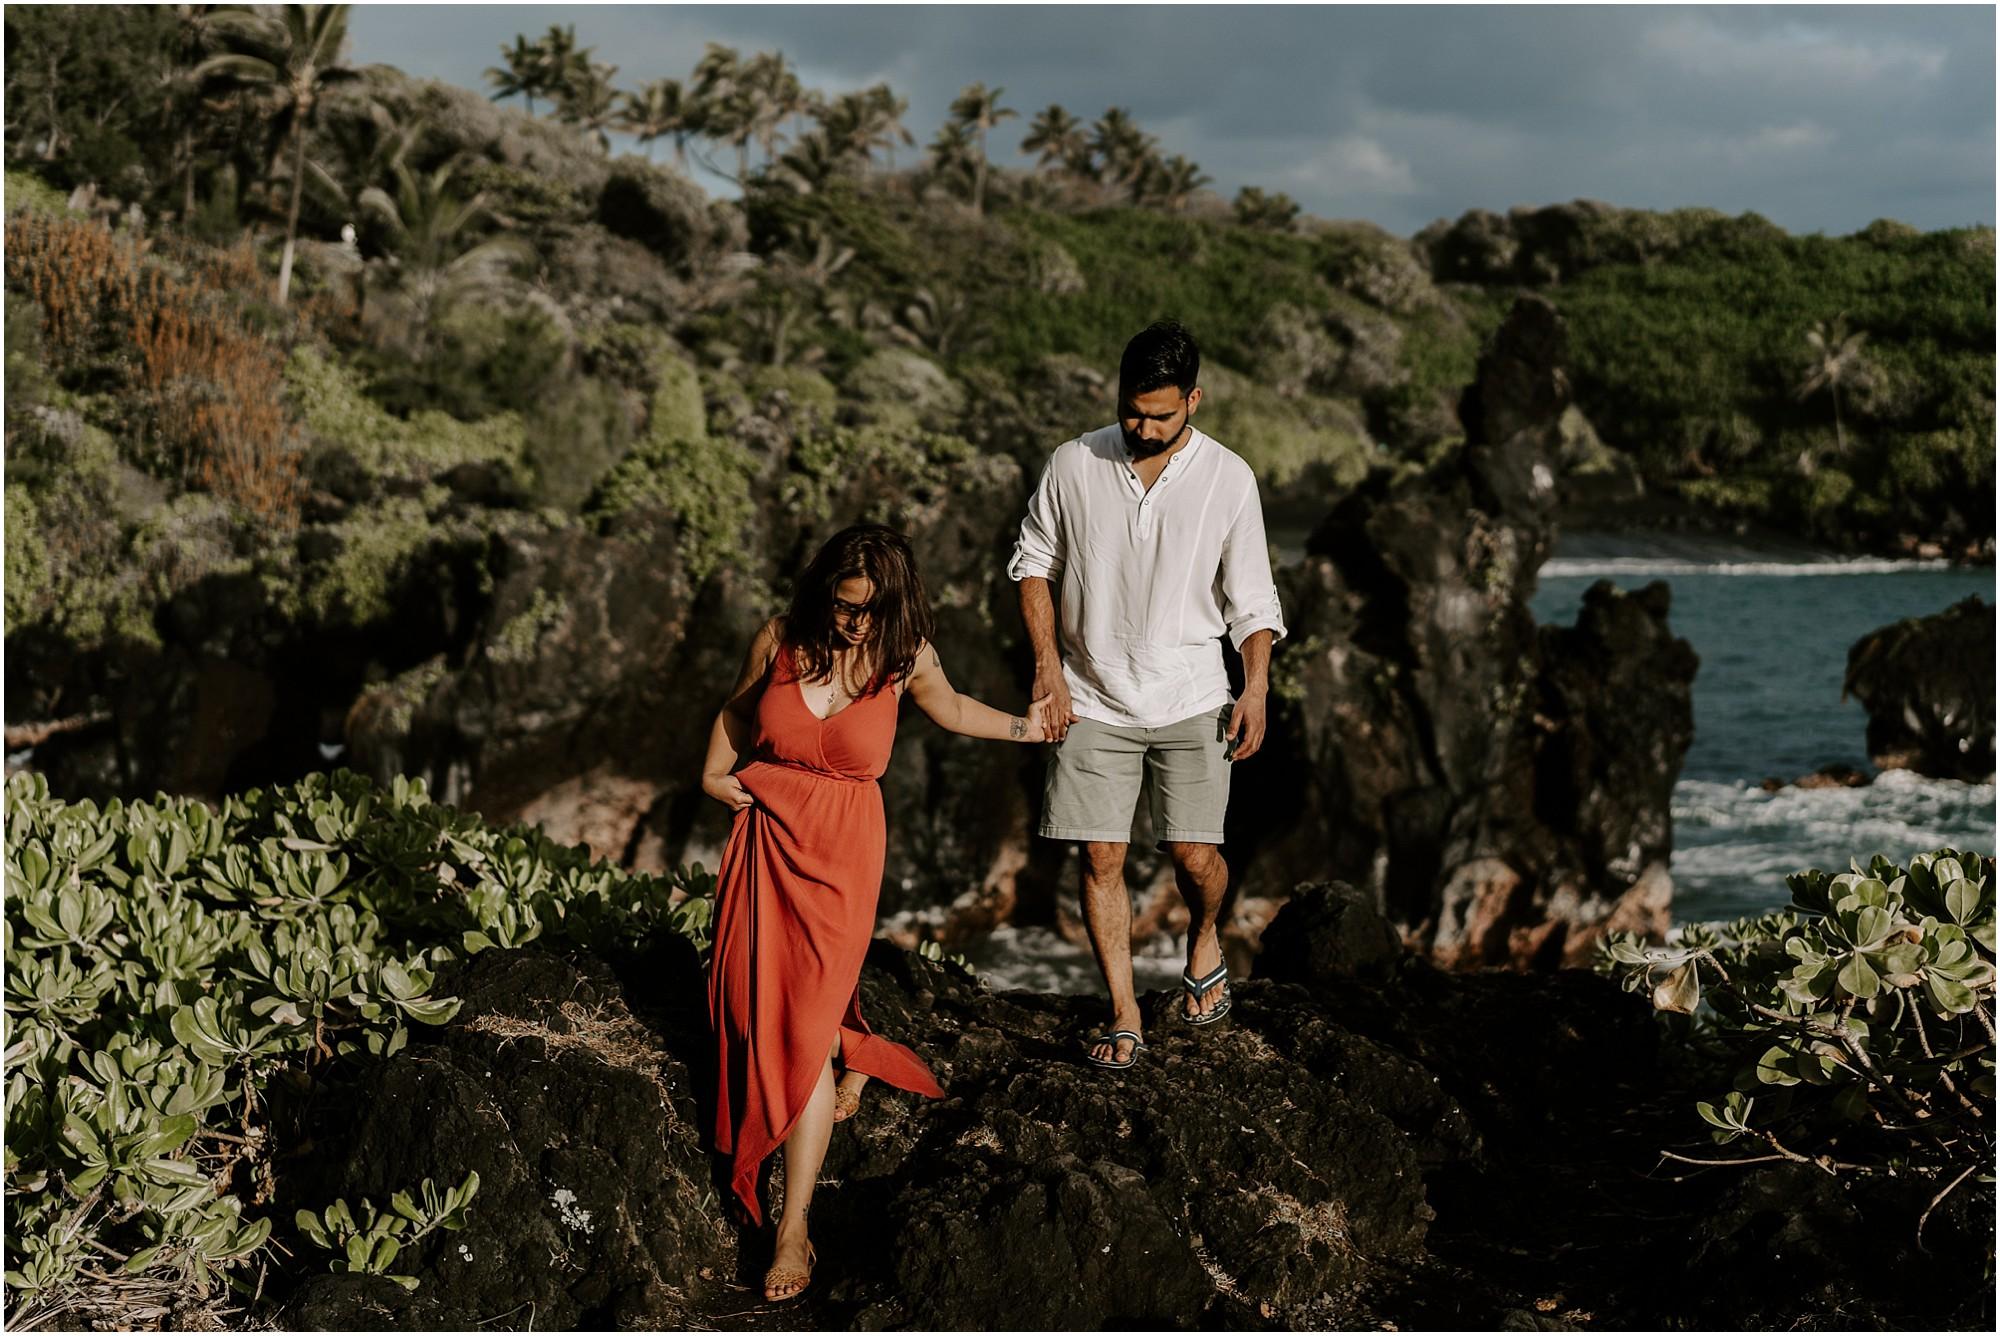 black-sand-beach-maui-hawaii-elopement-photographer_0041.jpg